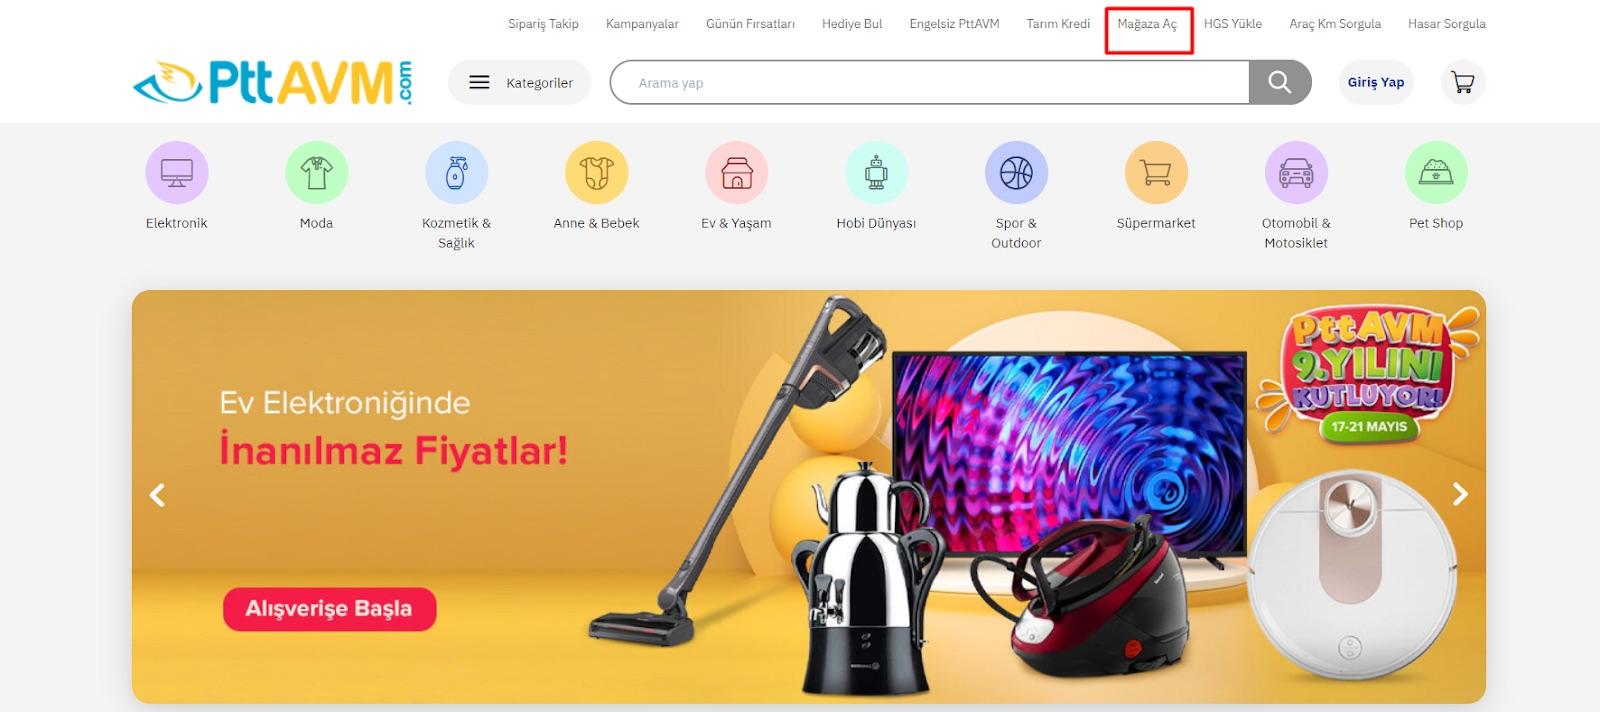 ePttAVM'de mağaza açmak için ePttAVM sitesinde Mağaza Aç menü başlığı ekran görüntüsü